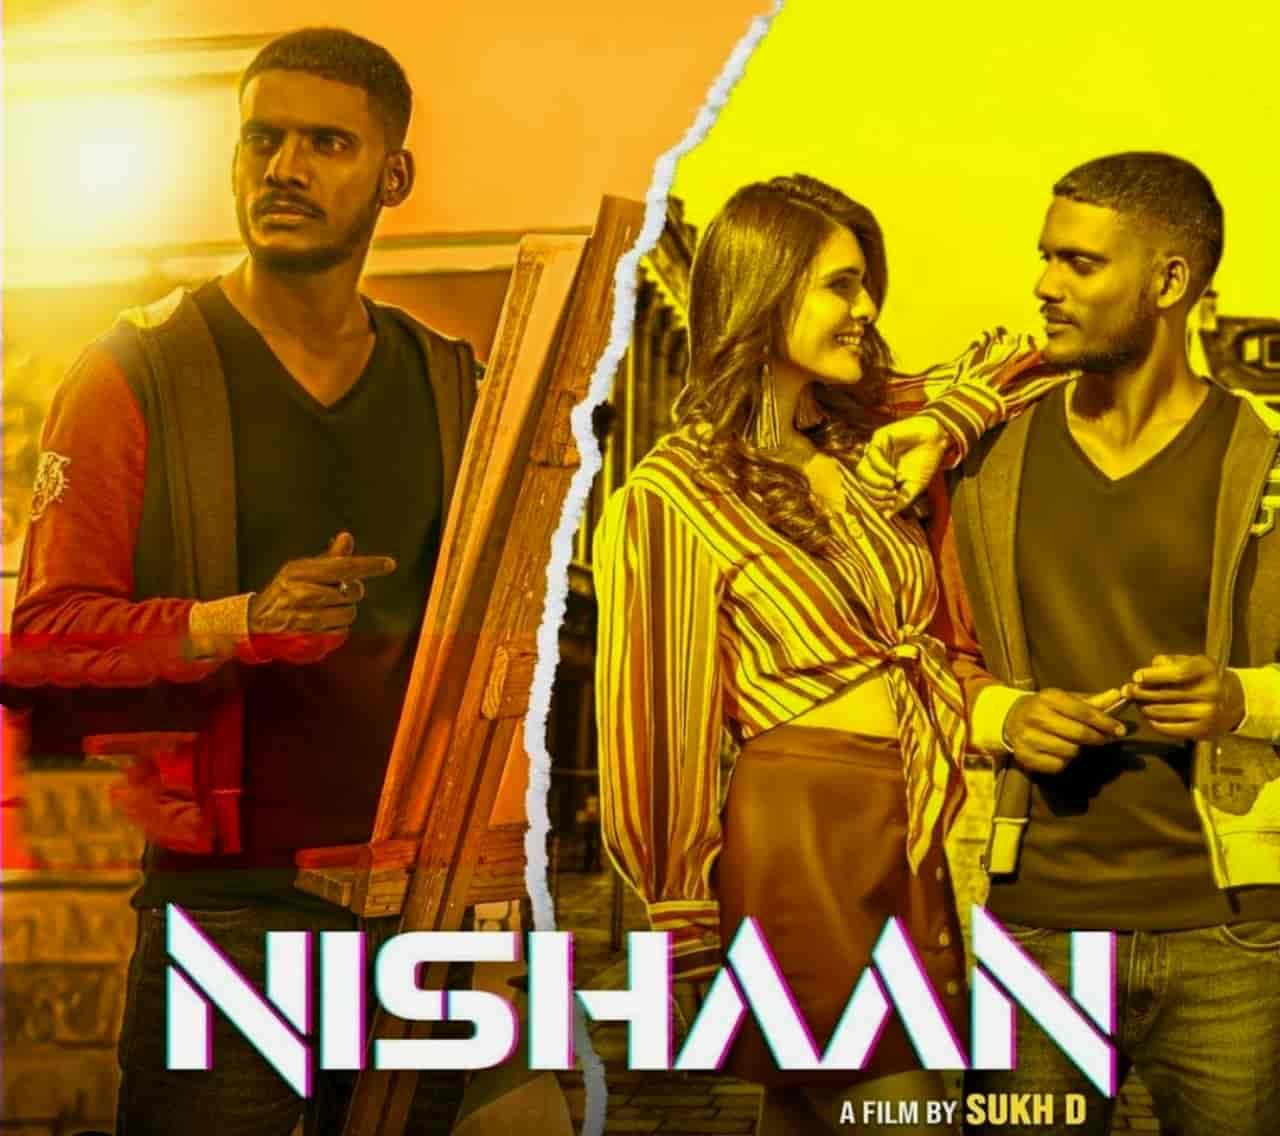 Nishaan Song Image Features Kaka